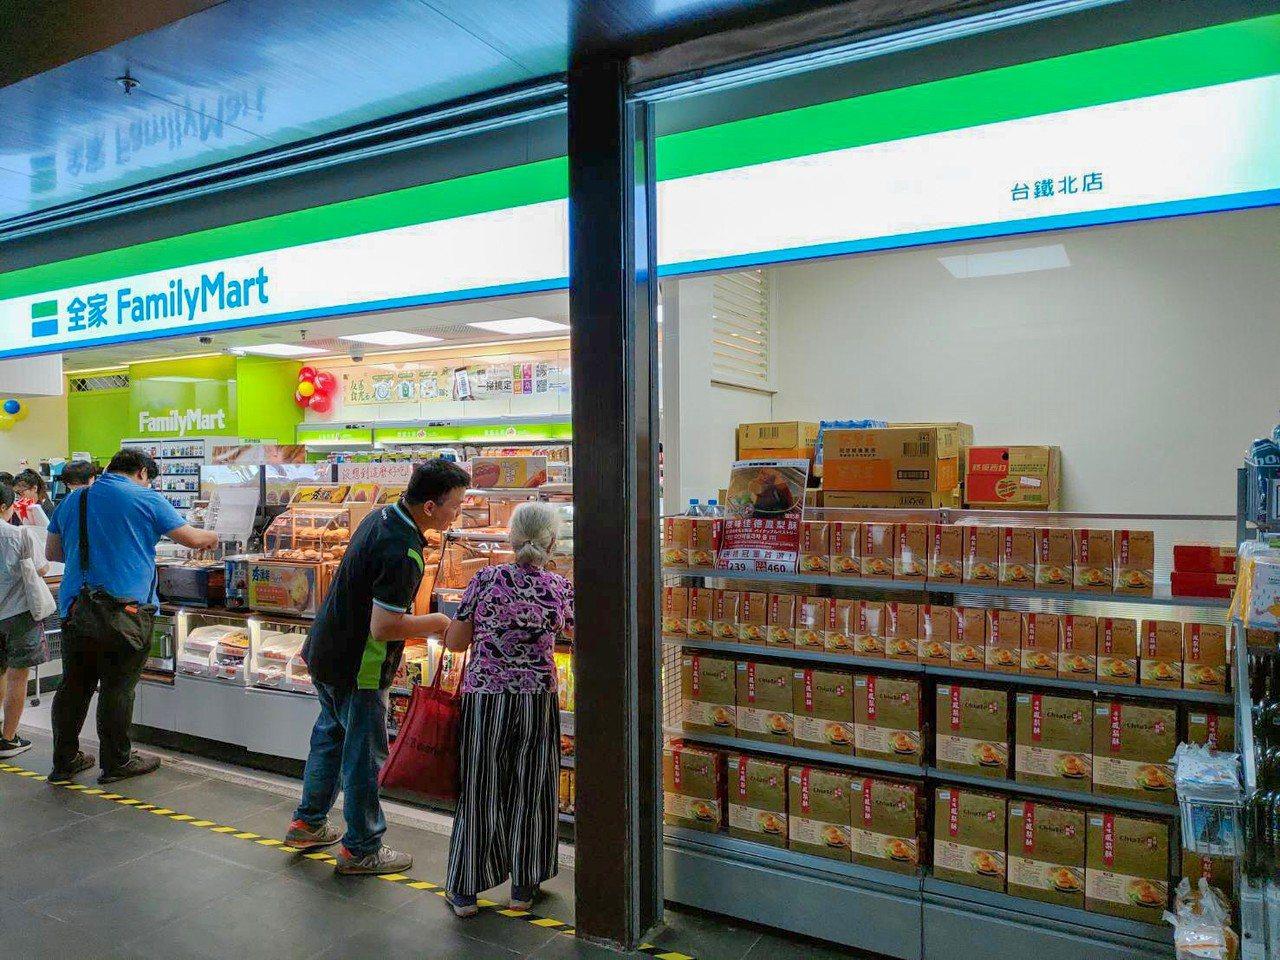 全家便利商店根據台鐵不同站點特性規畫複合店型,店舖商品組合也將因地制宜進行調整,...